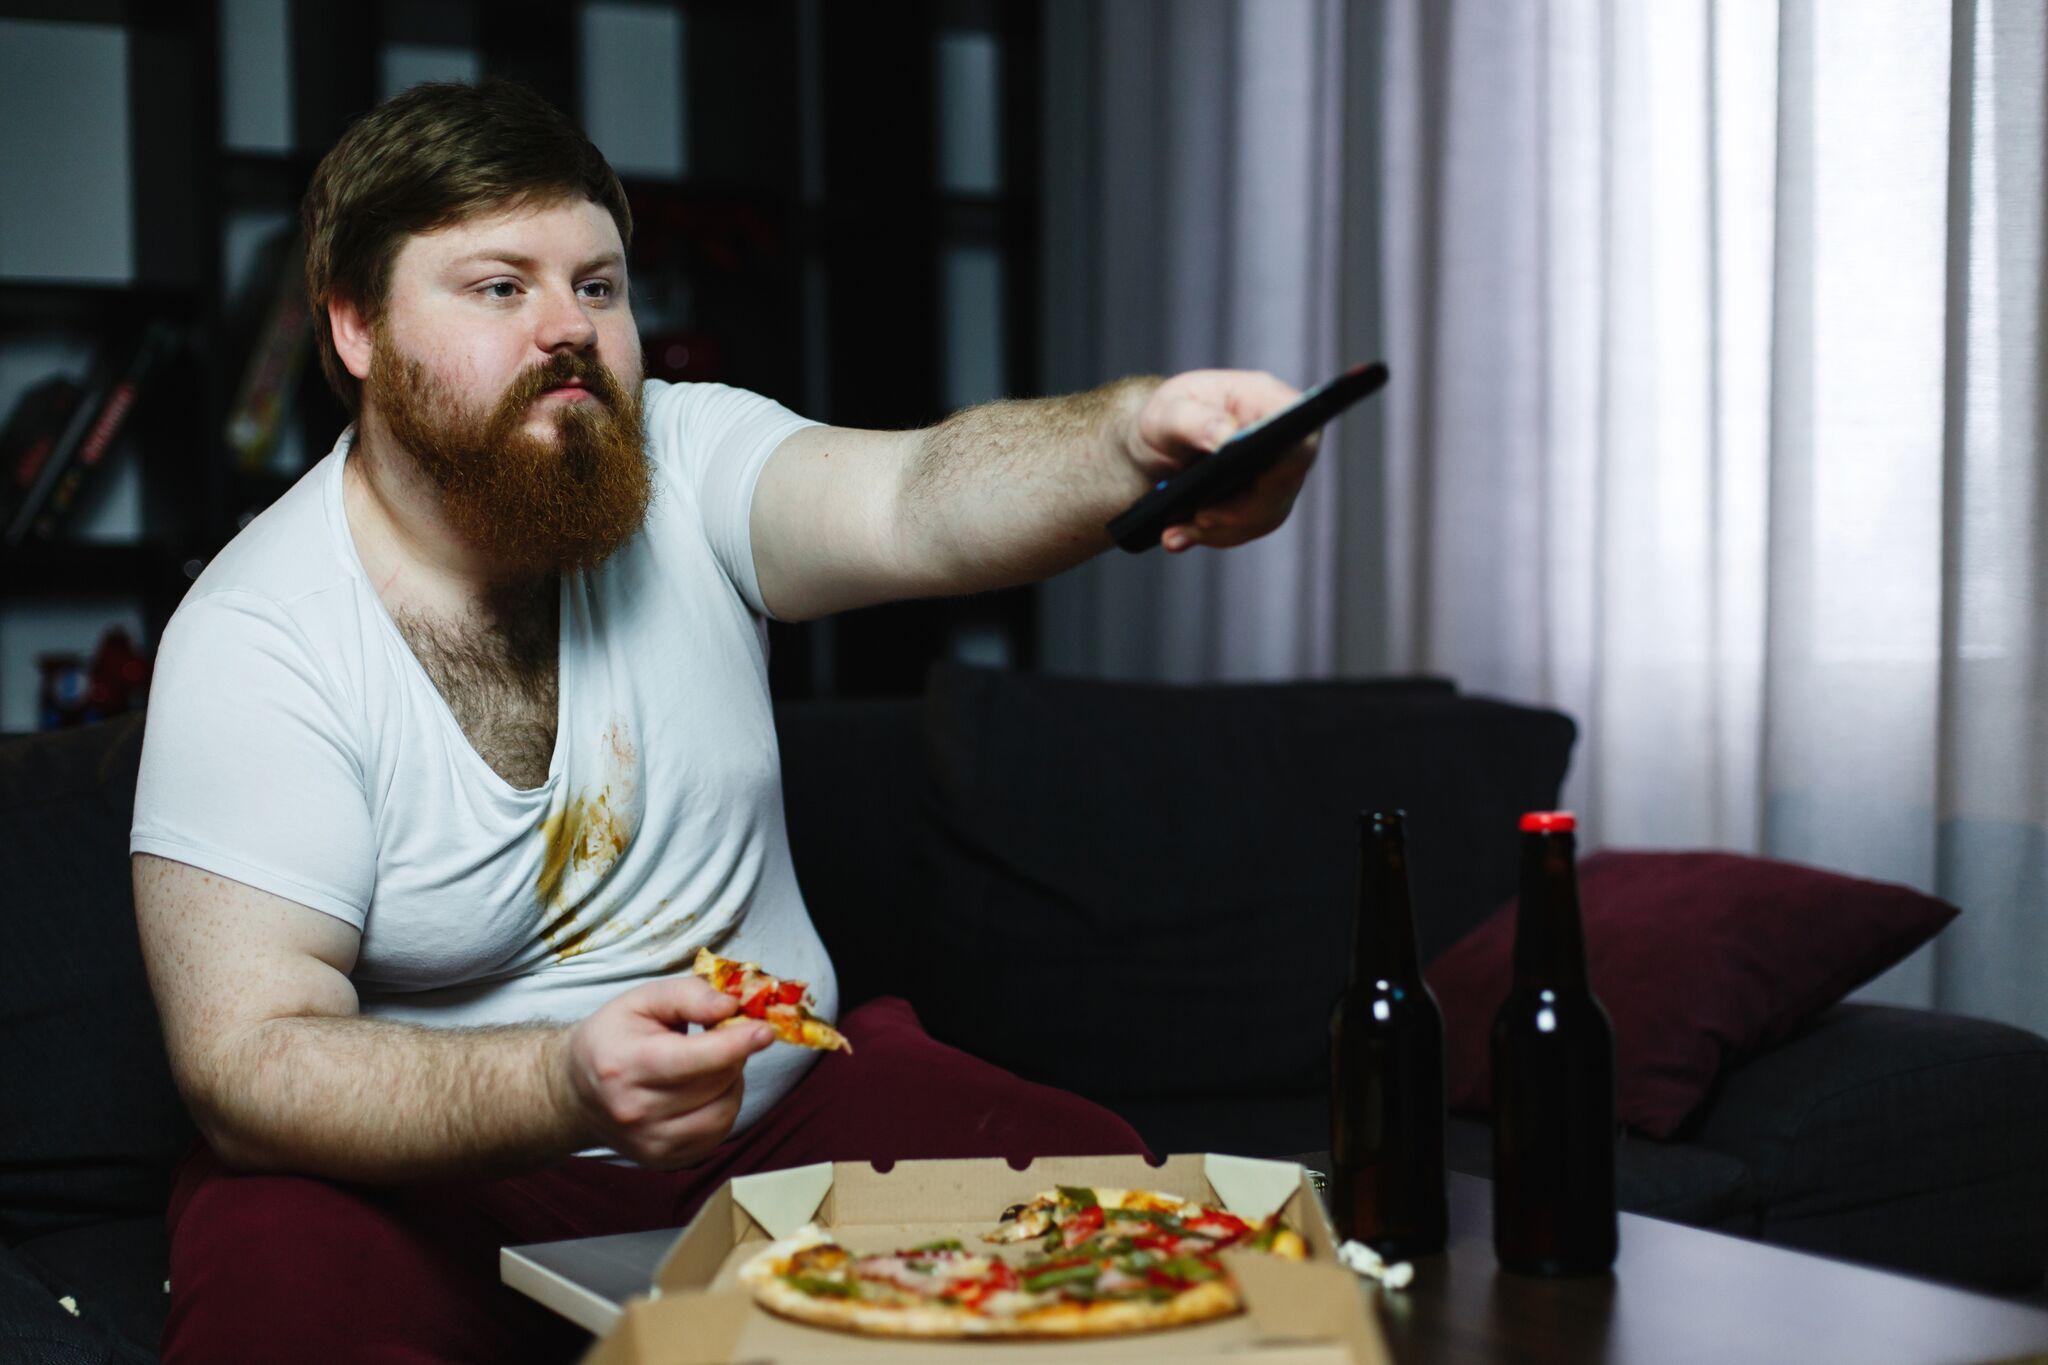 Die Fettsucht